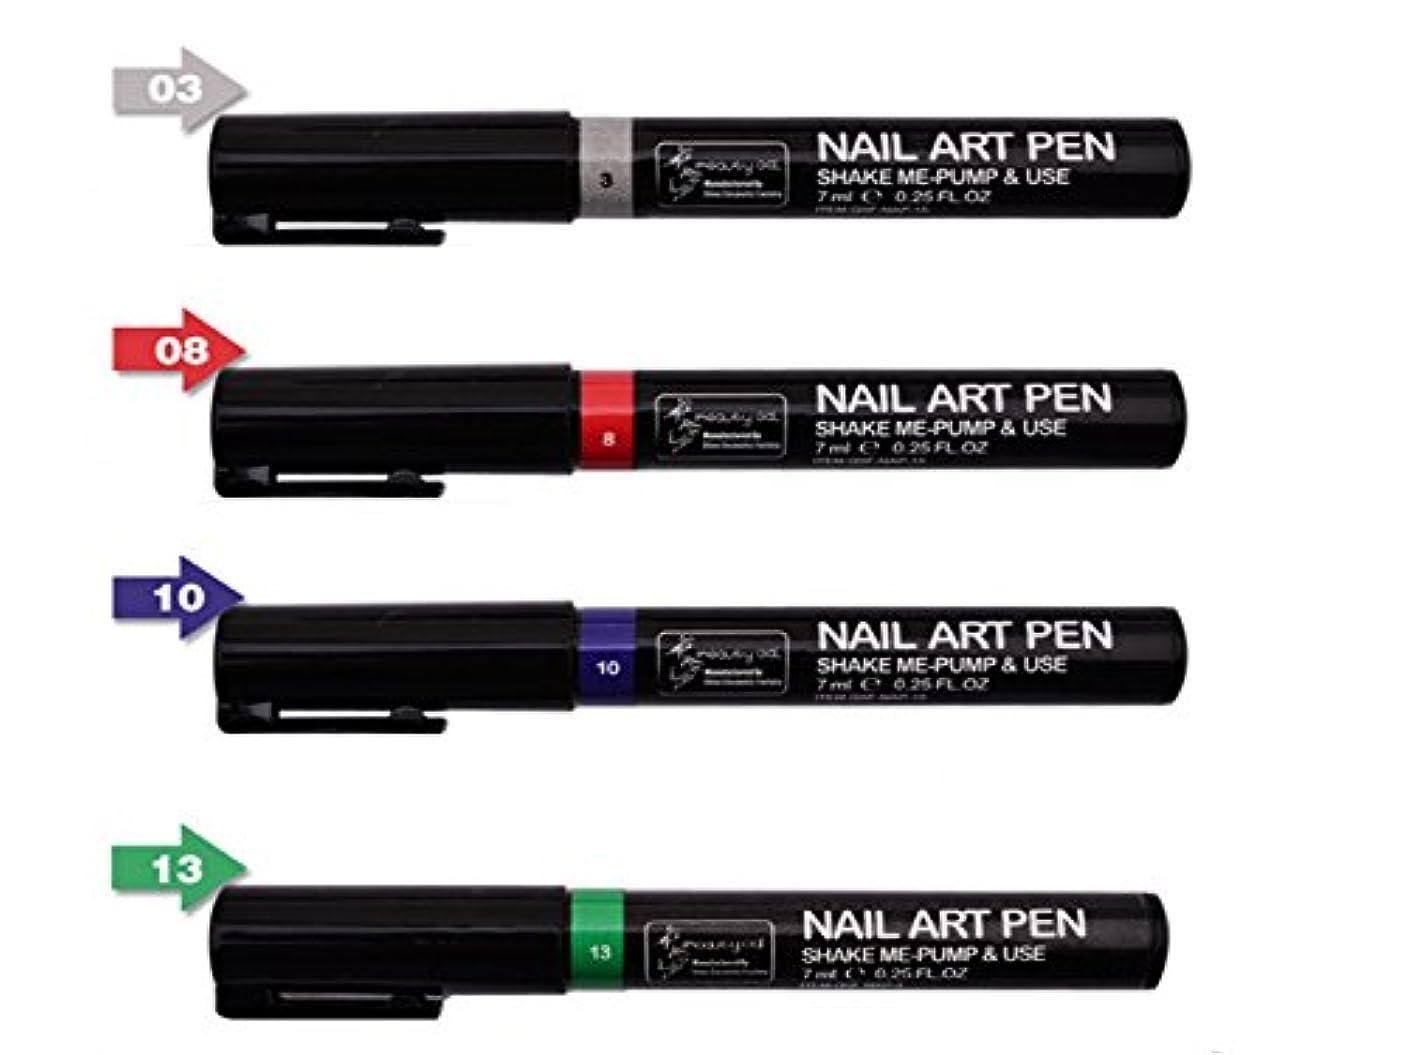 足ただ薬用ネイルアートツール3DペイントペンスタイリングドットペンシルネイルブラシDIYマニキュアペンネイルペイントペン (組み合わせ2)